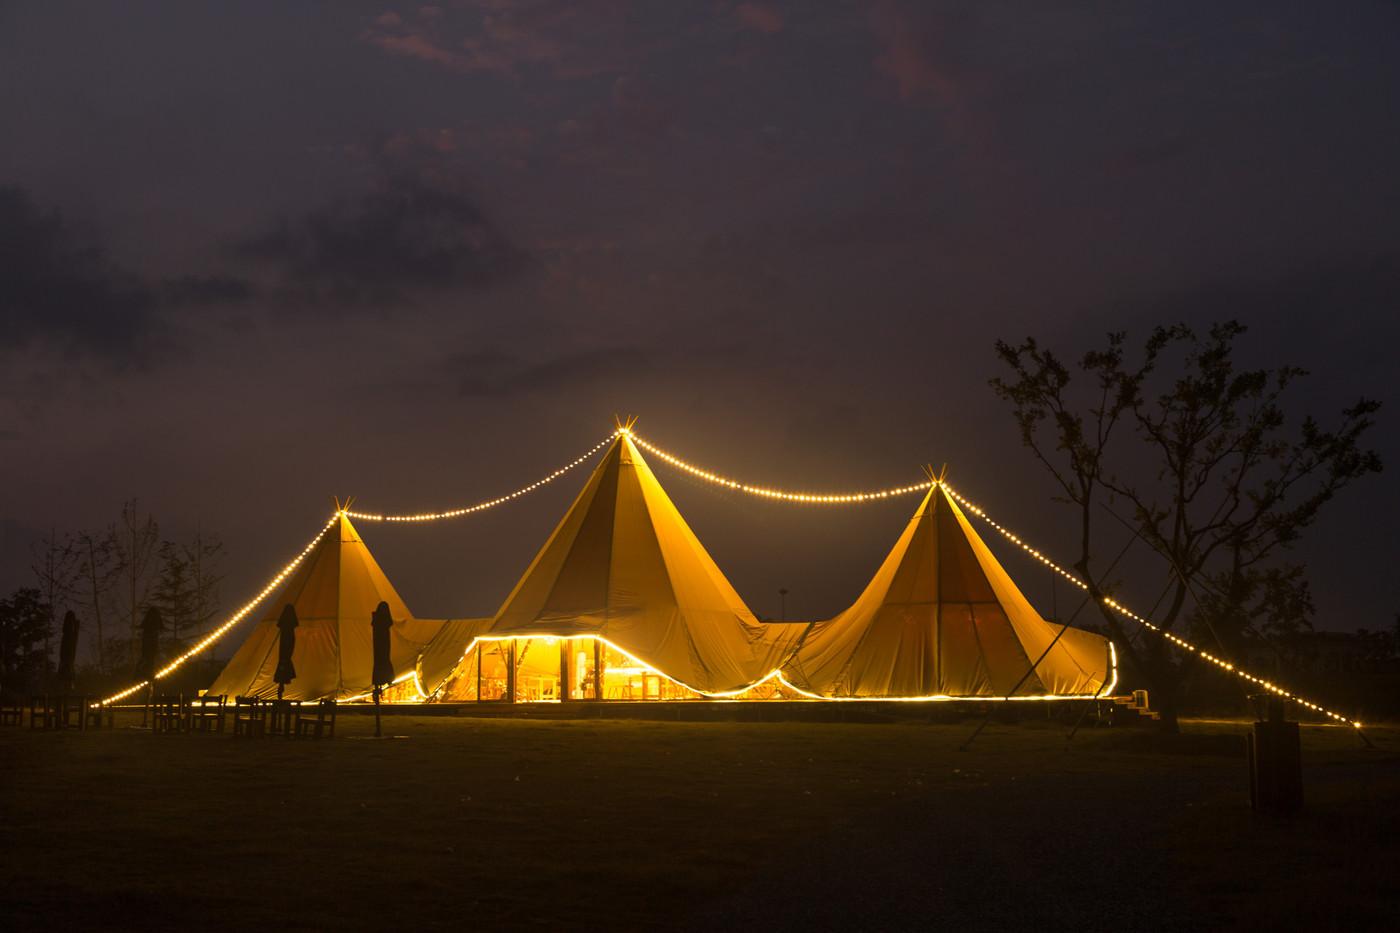 喜马拉雅印第安多功能大厅—淮安白马湖生态旅游度假区20